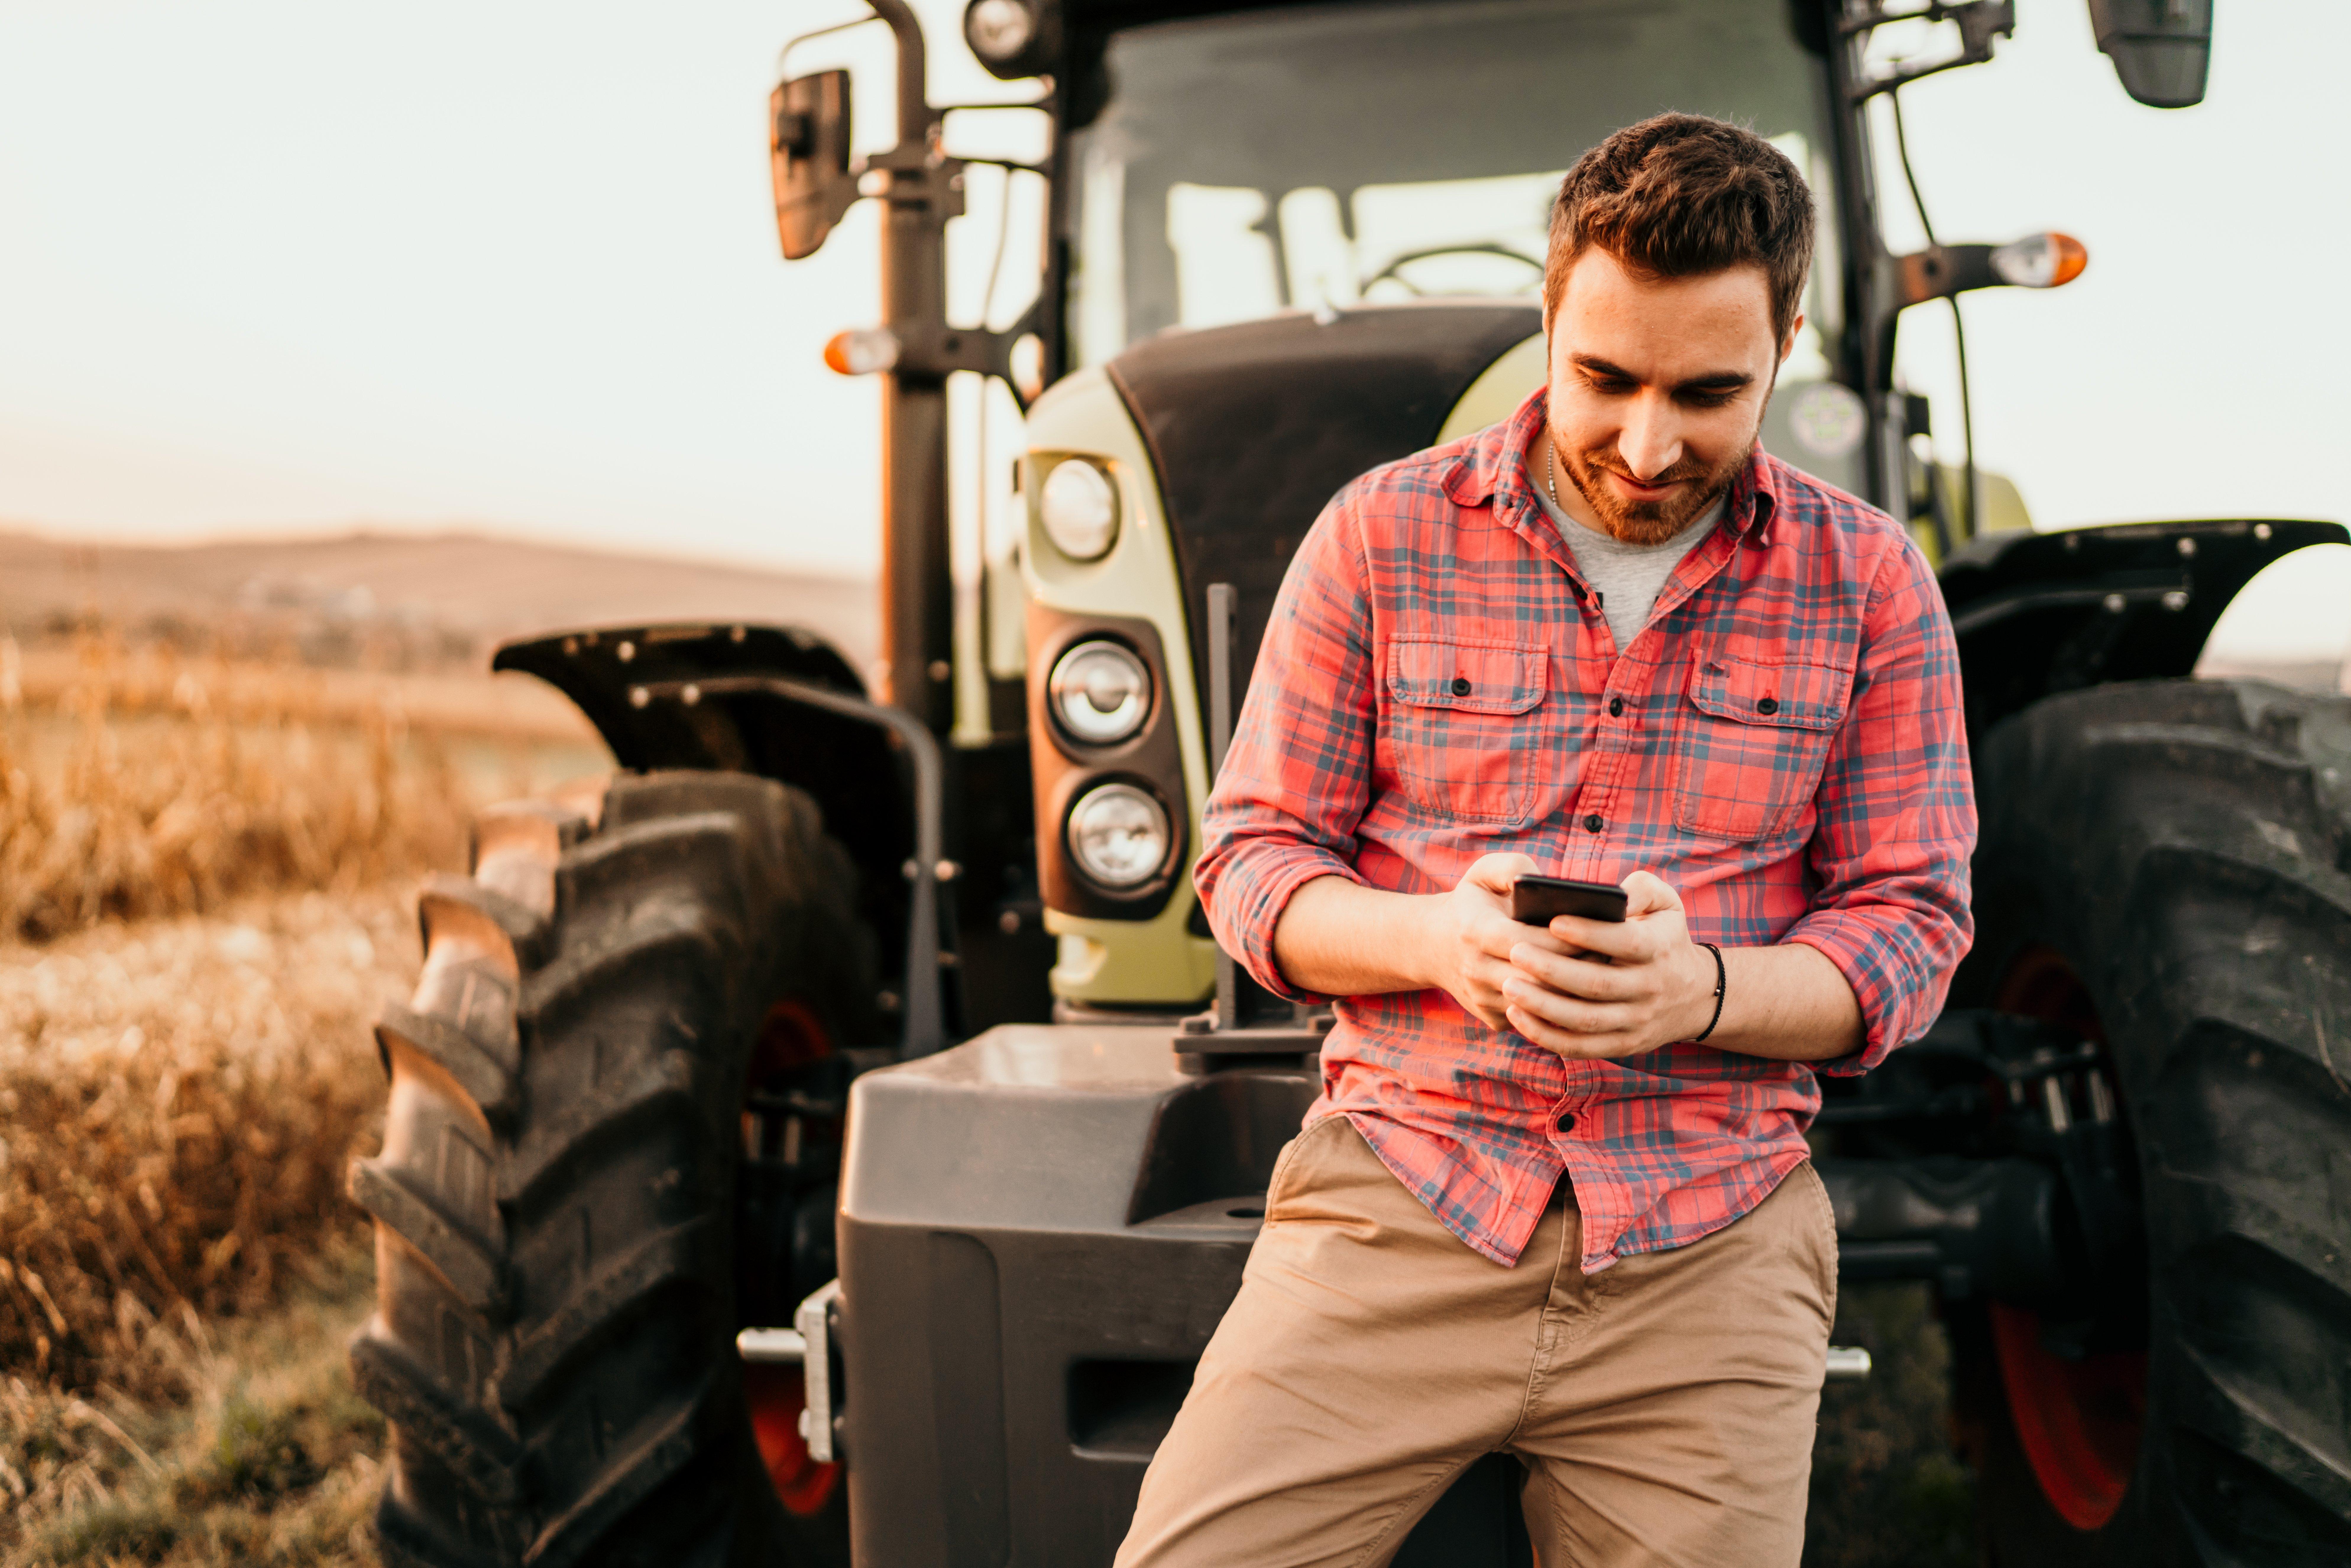 Agricultura digital facilita acesso à informação